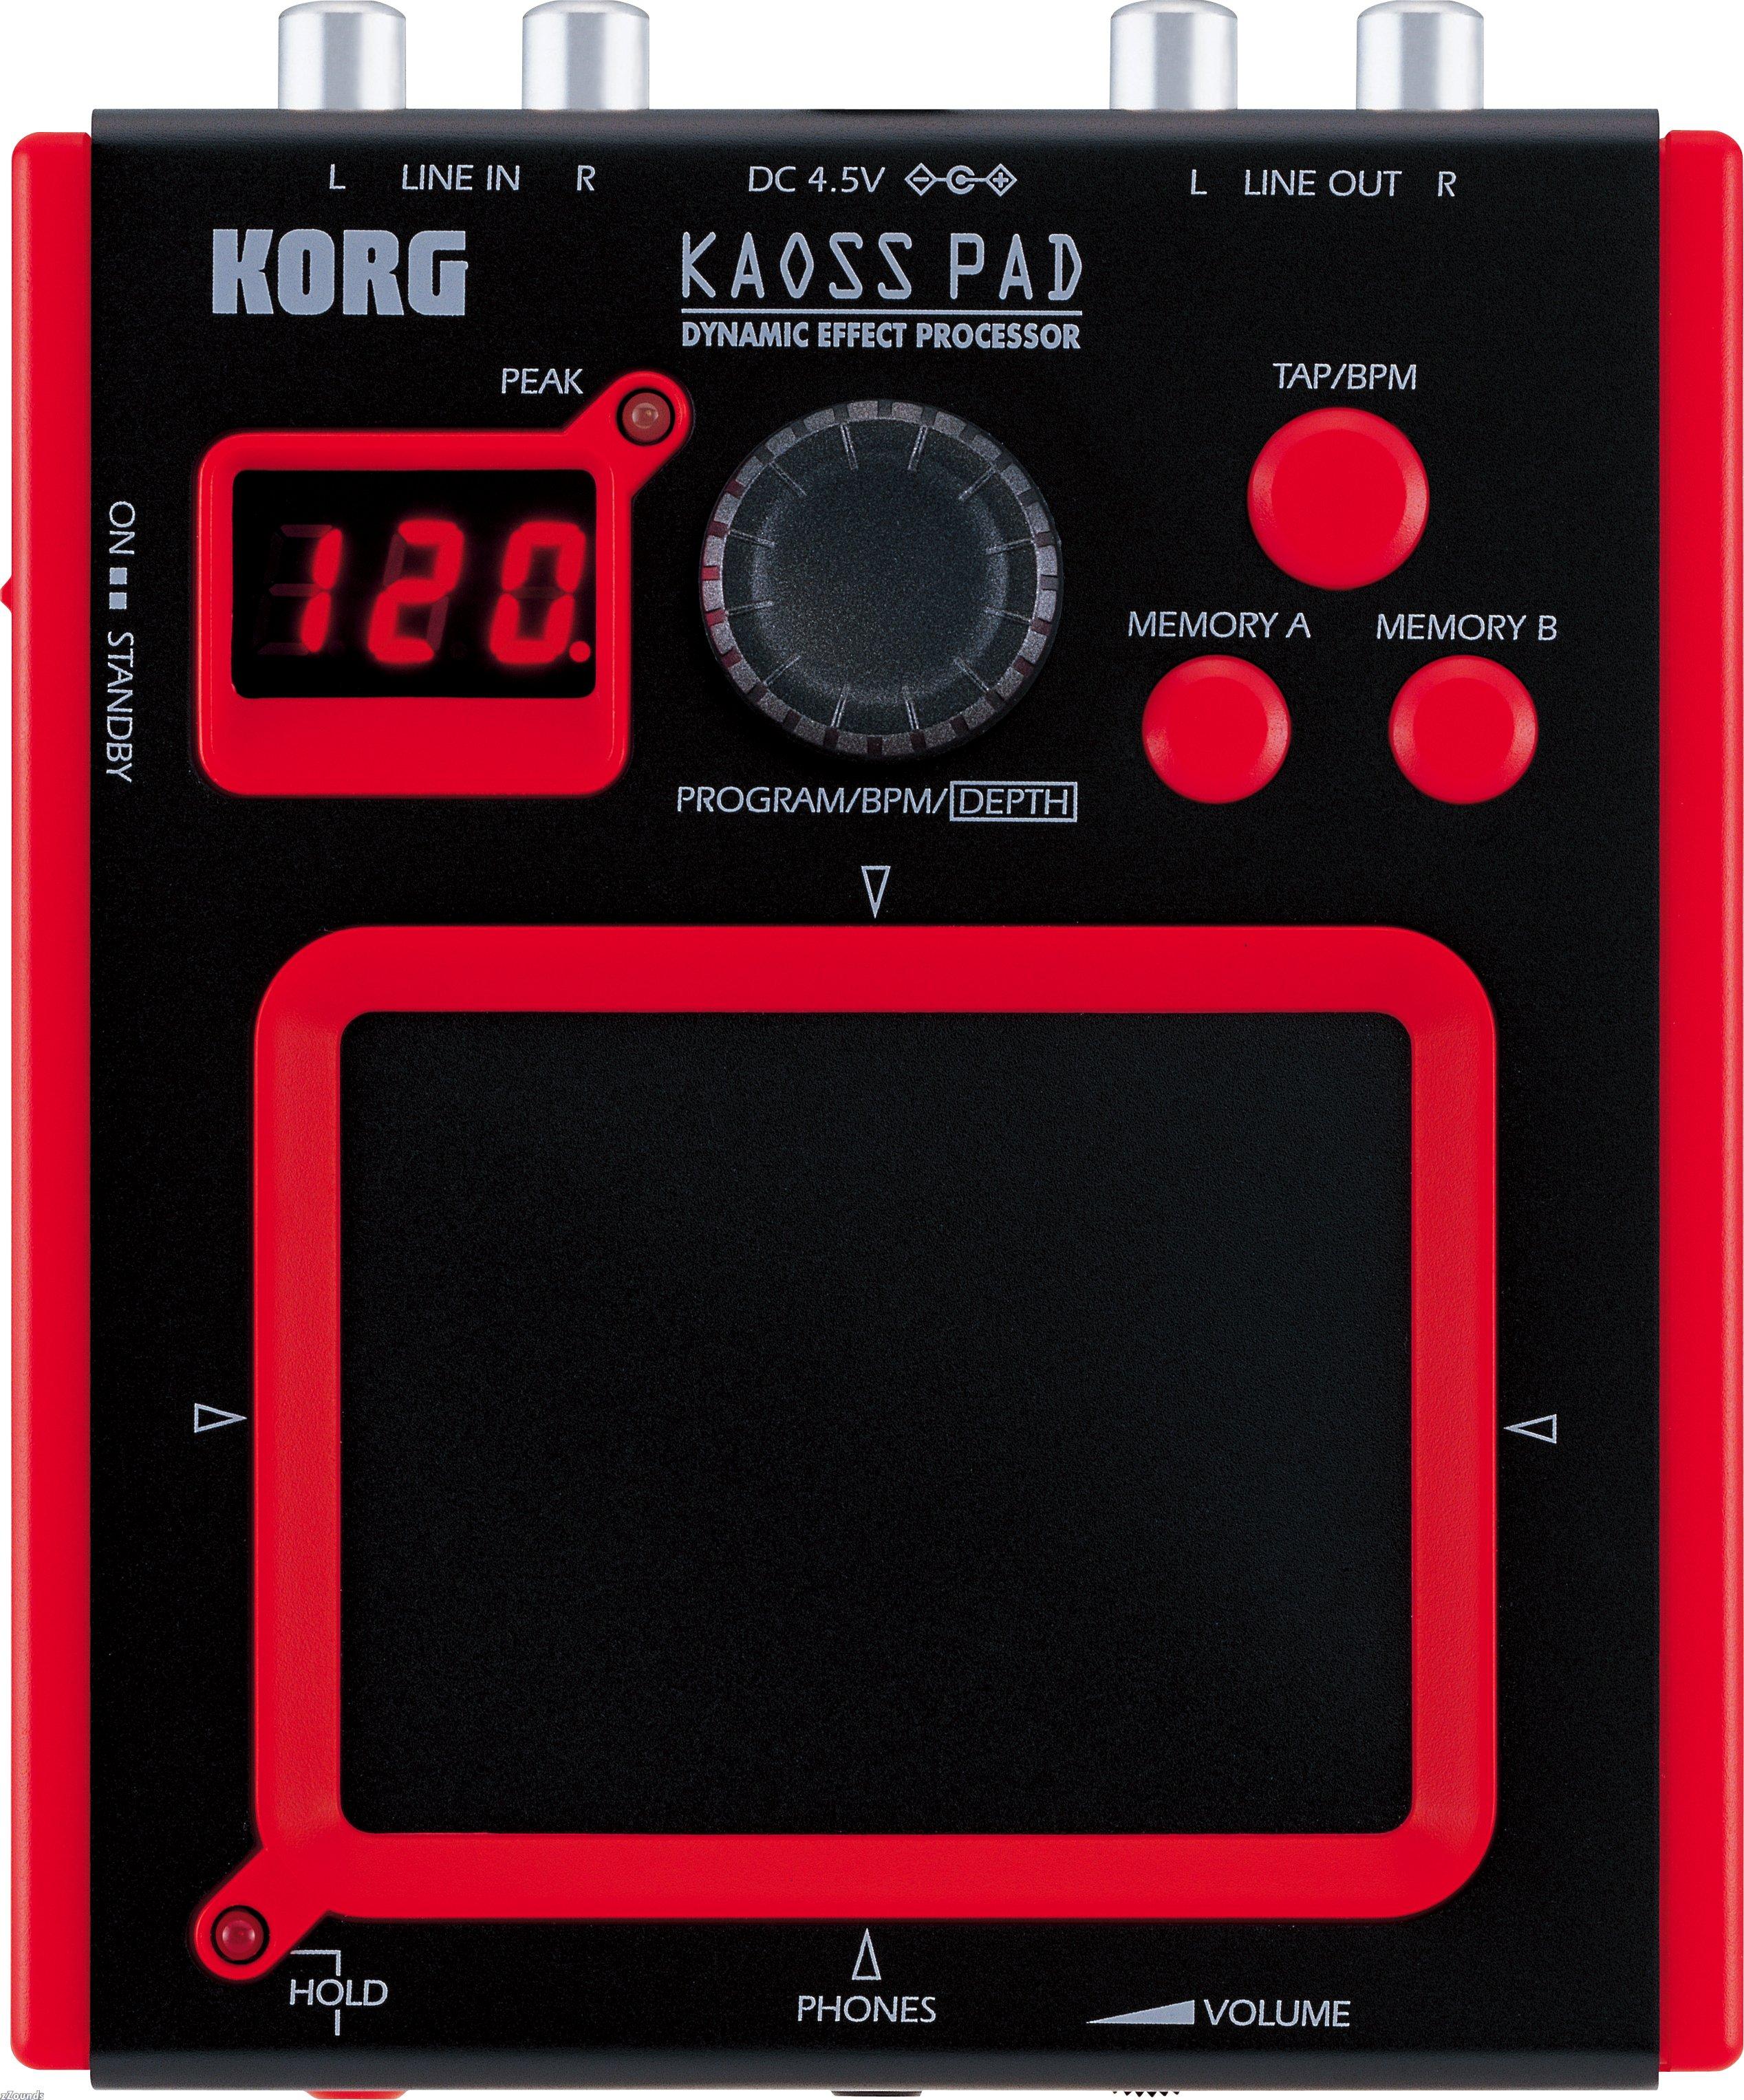 kaoss pad: